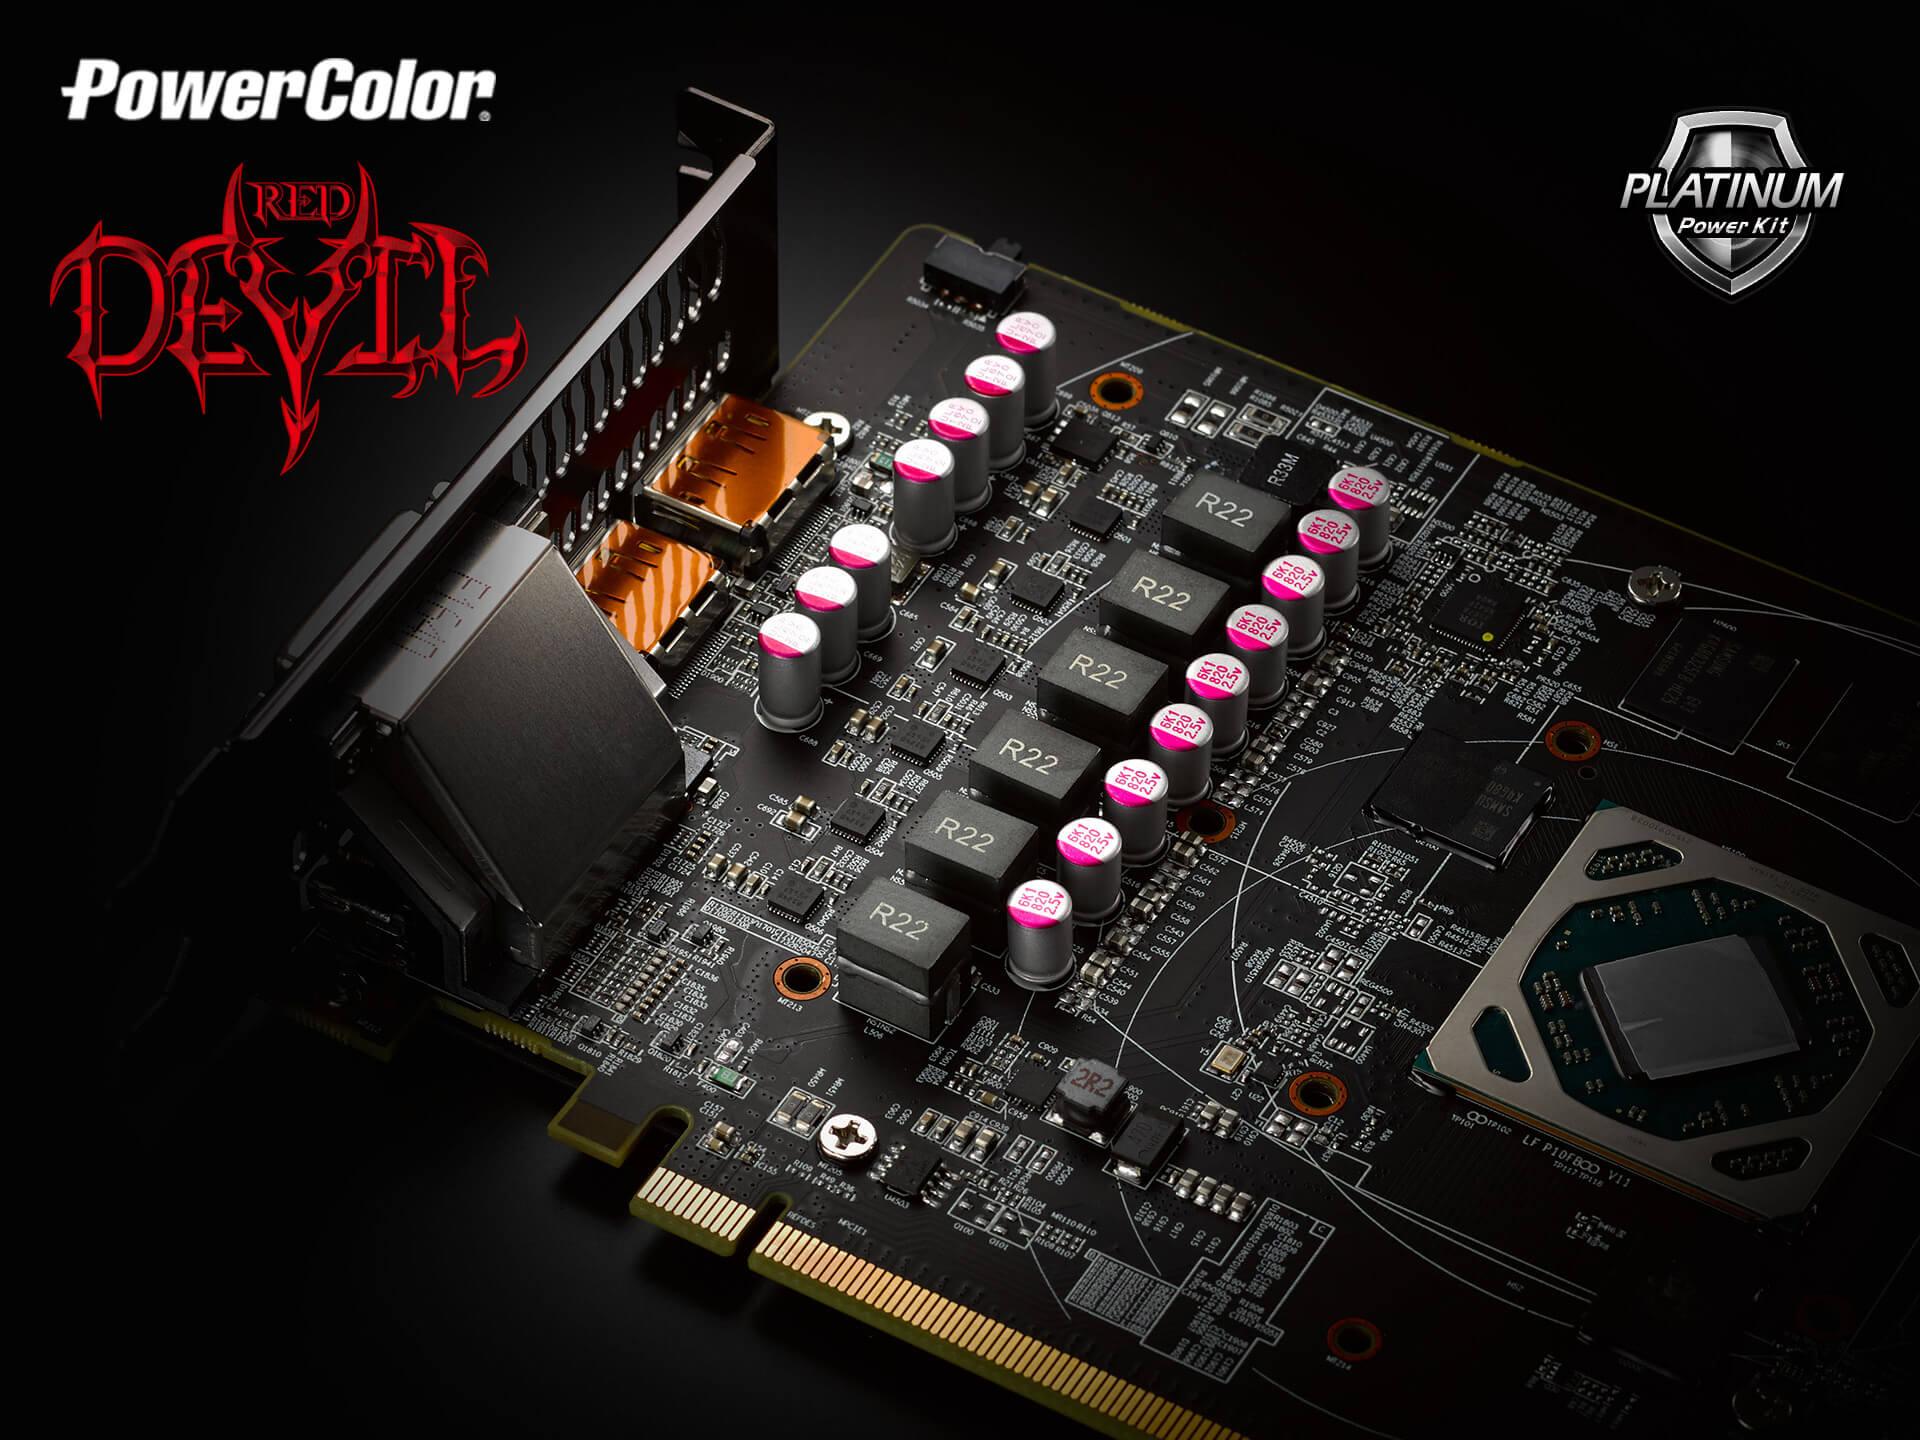 PowerColor muestra sus modelos Red Devil para las AMD RX 500